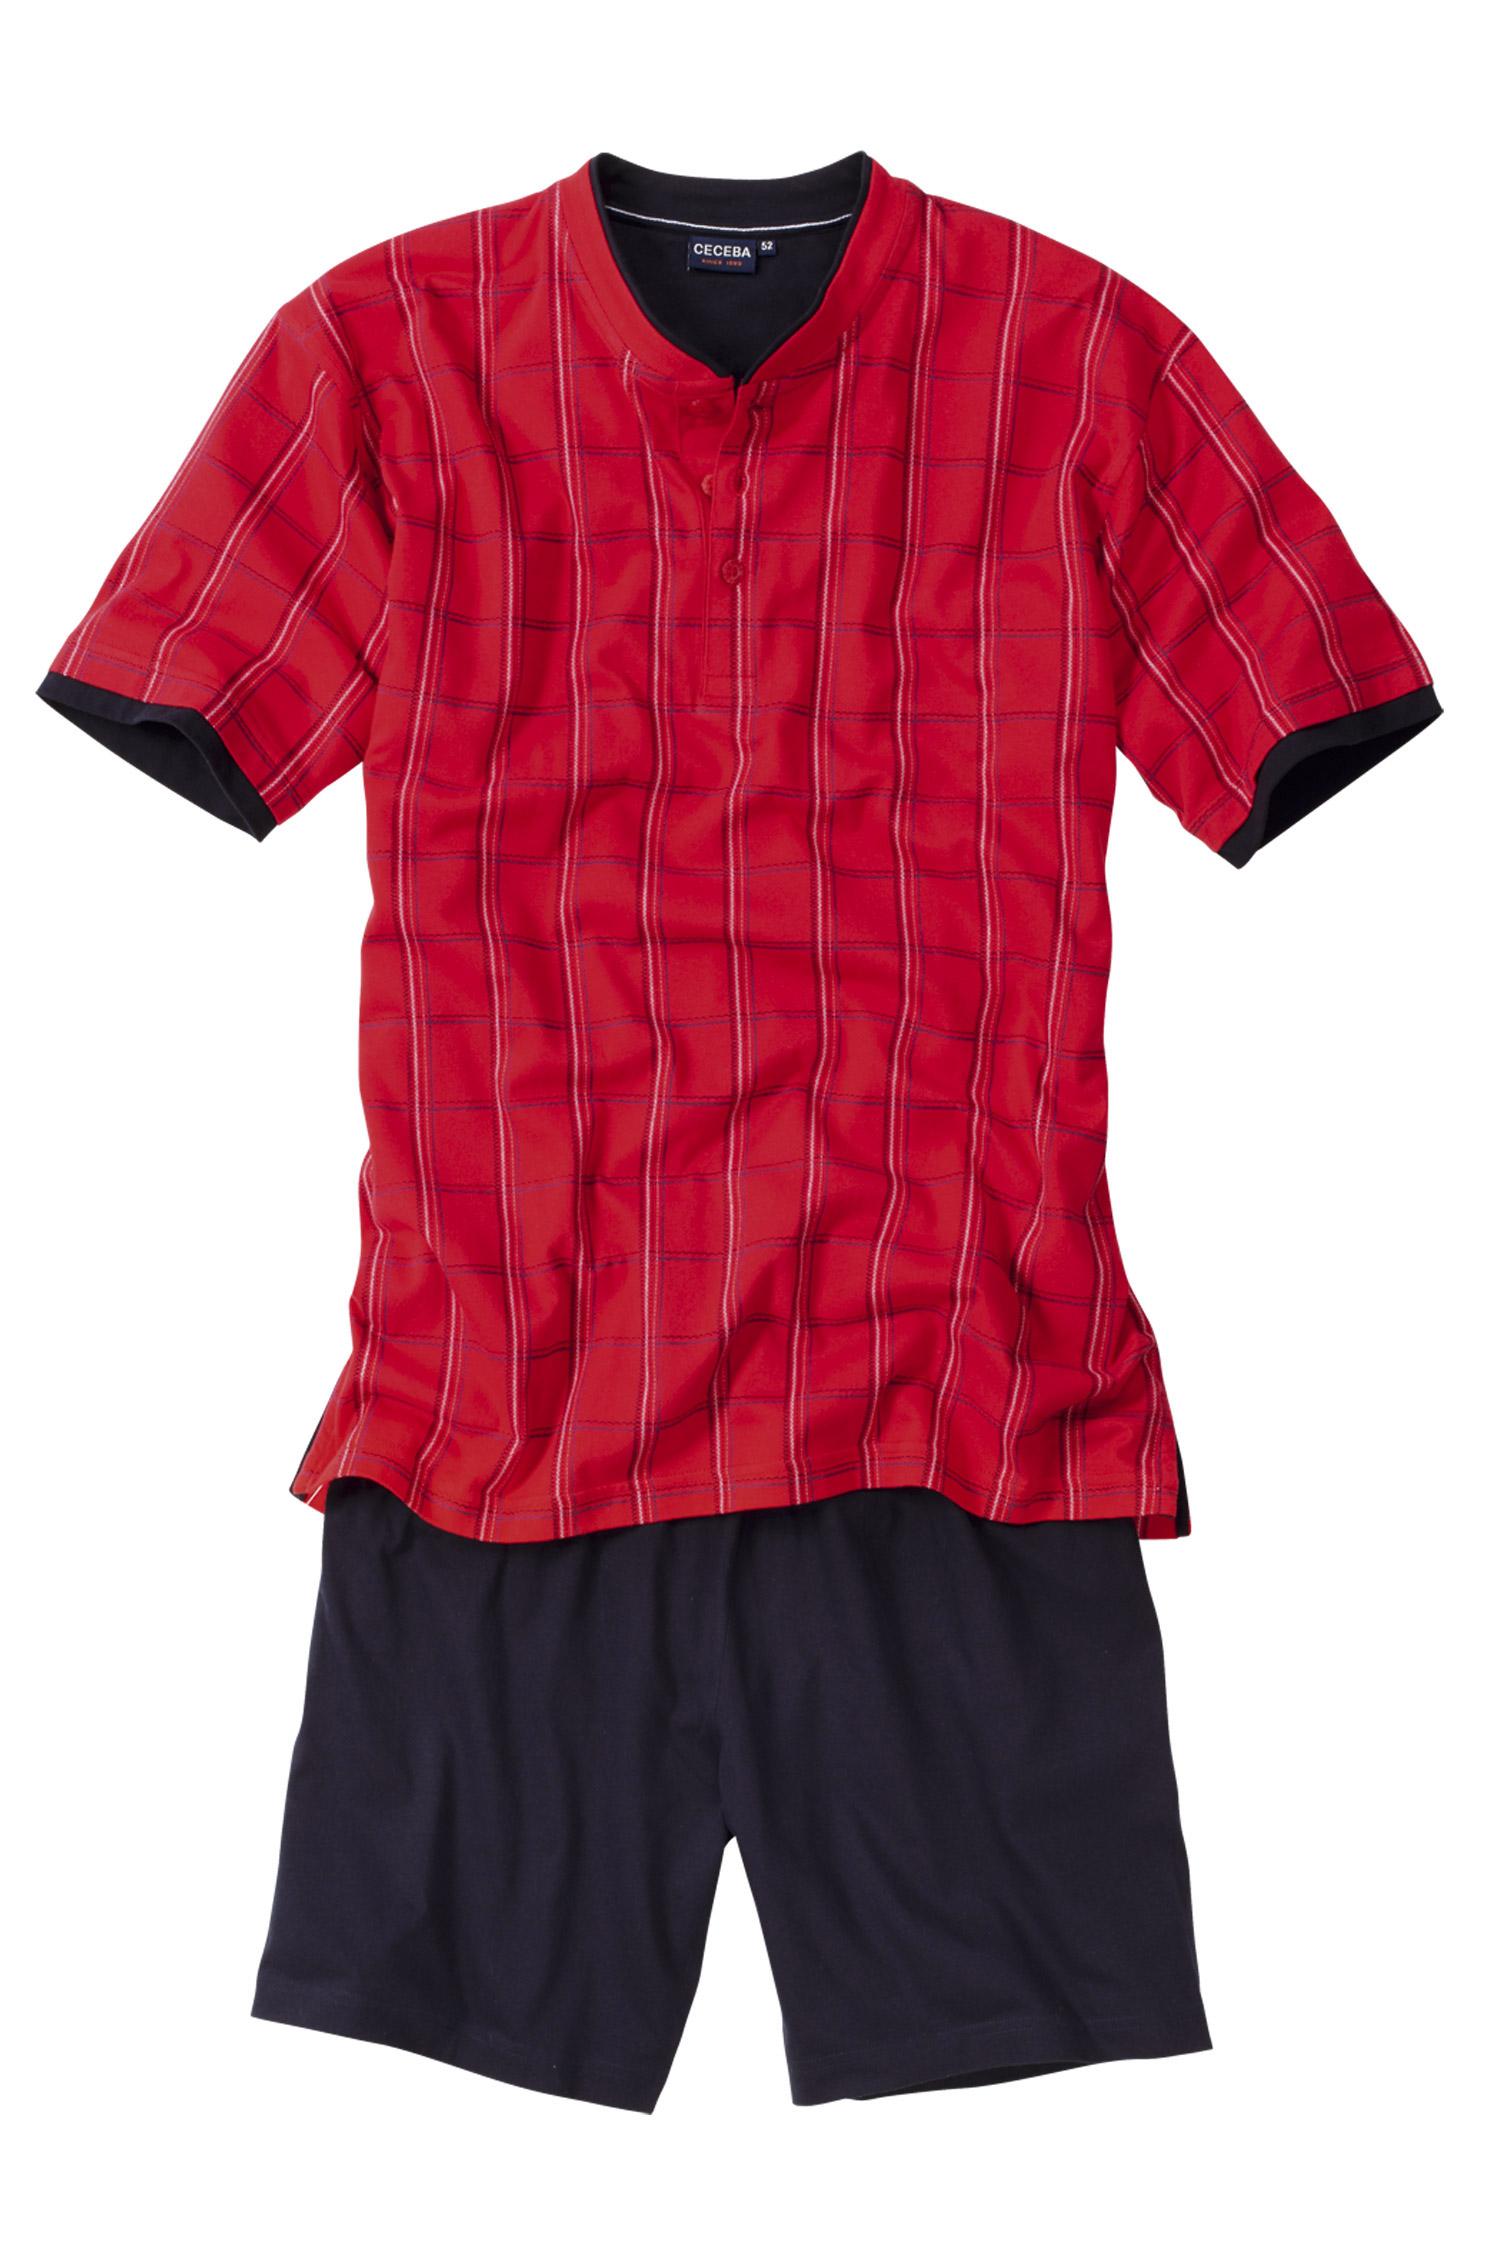 Homewear, Pijama M. Corta, 106499, ROJO | Zoom